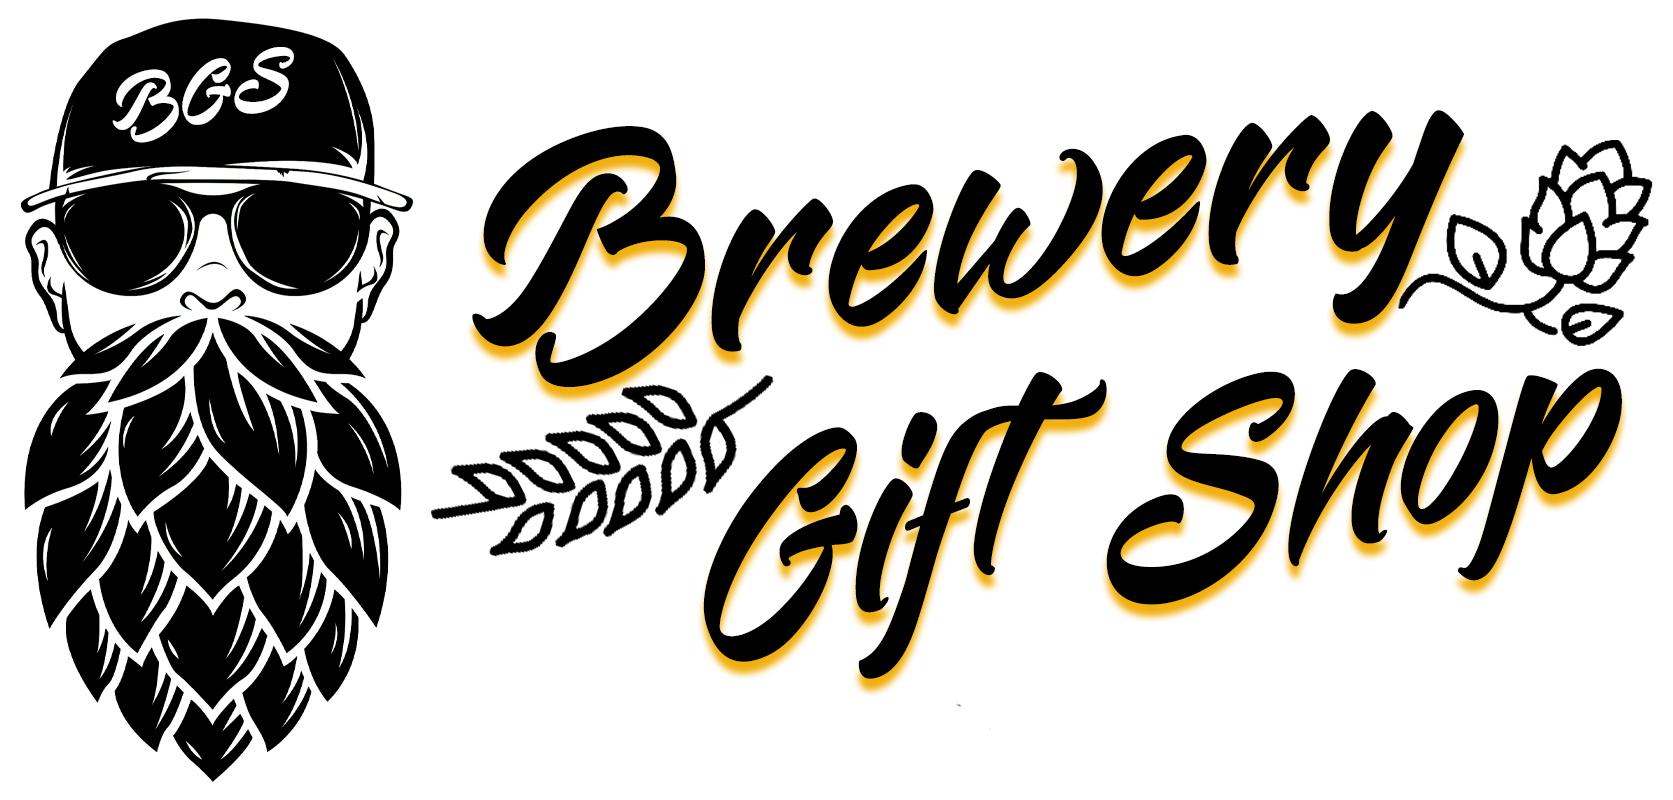 Brewerygiftshop.com